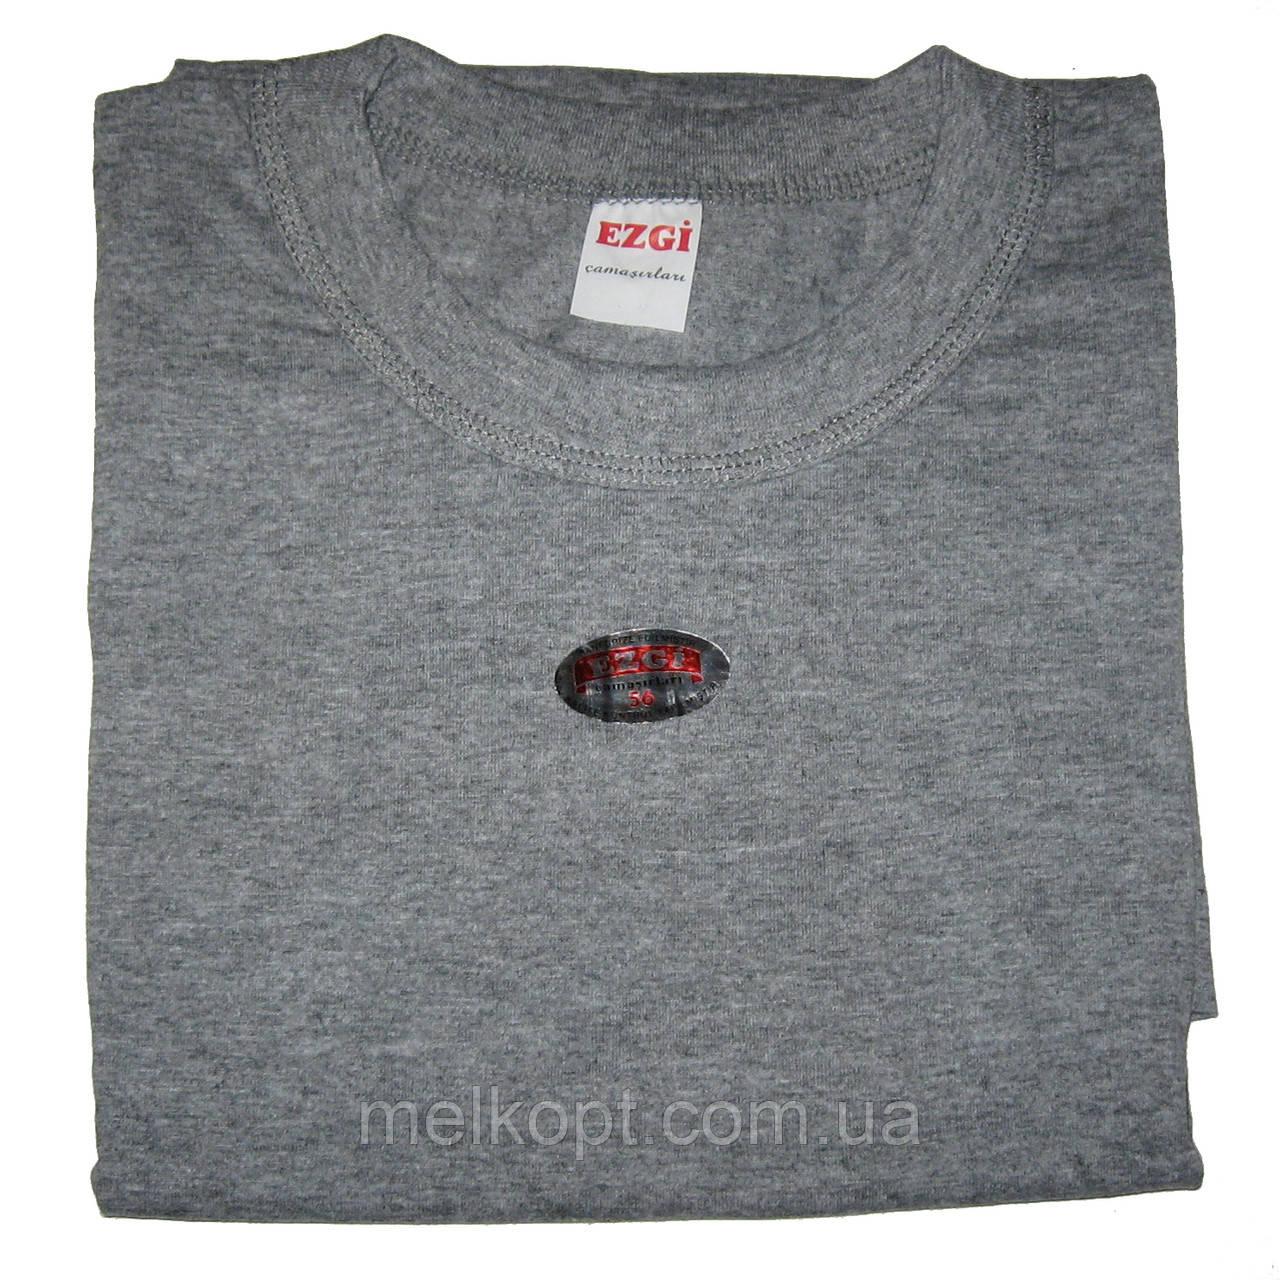 Чоловічі футболки Ezgi - 68,00 грн./шт. (75-й розмір, сірі)